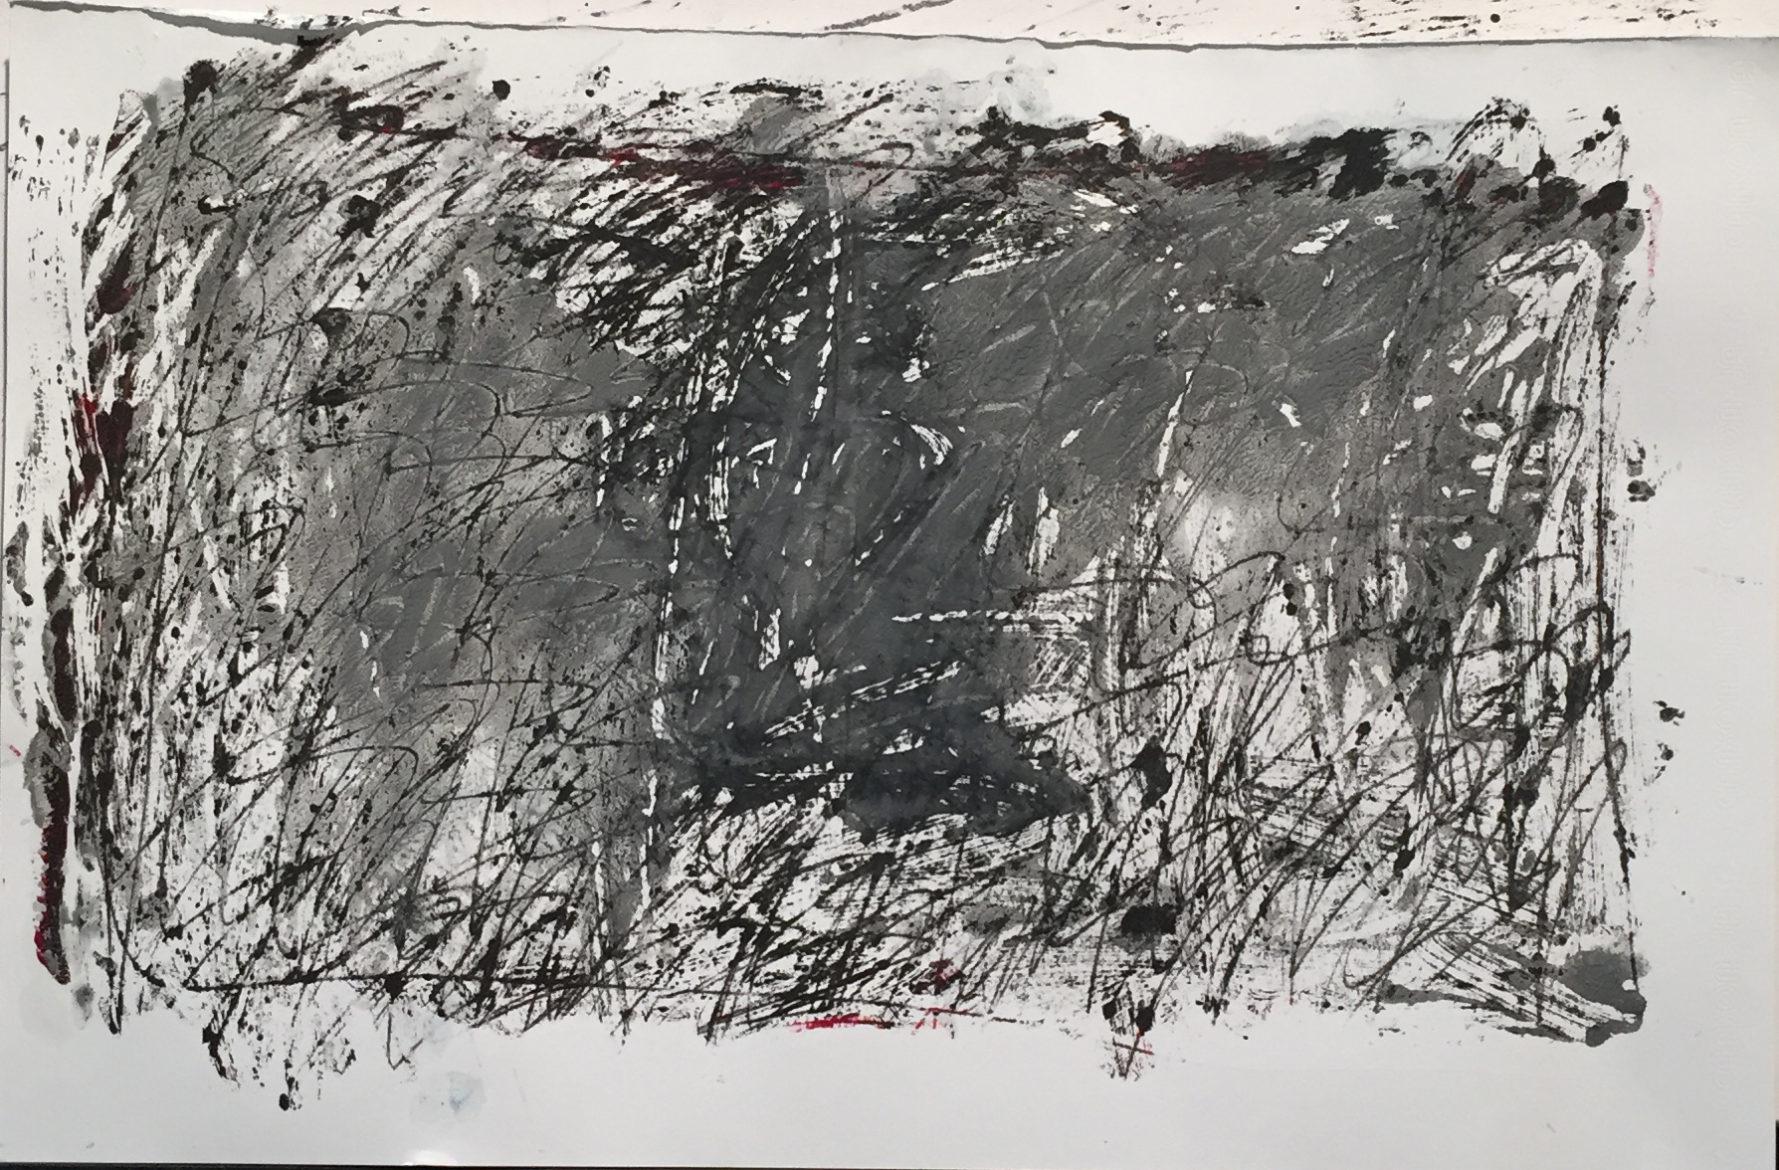 MARC FELD 2016 SOUS LES MOTS 8 Huile et gouache sur papier 29,5x42 cm